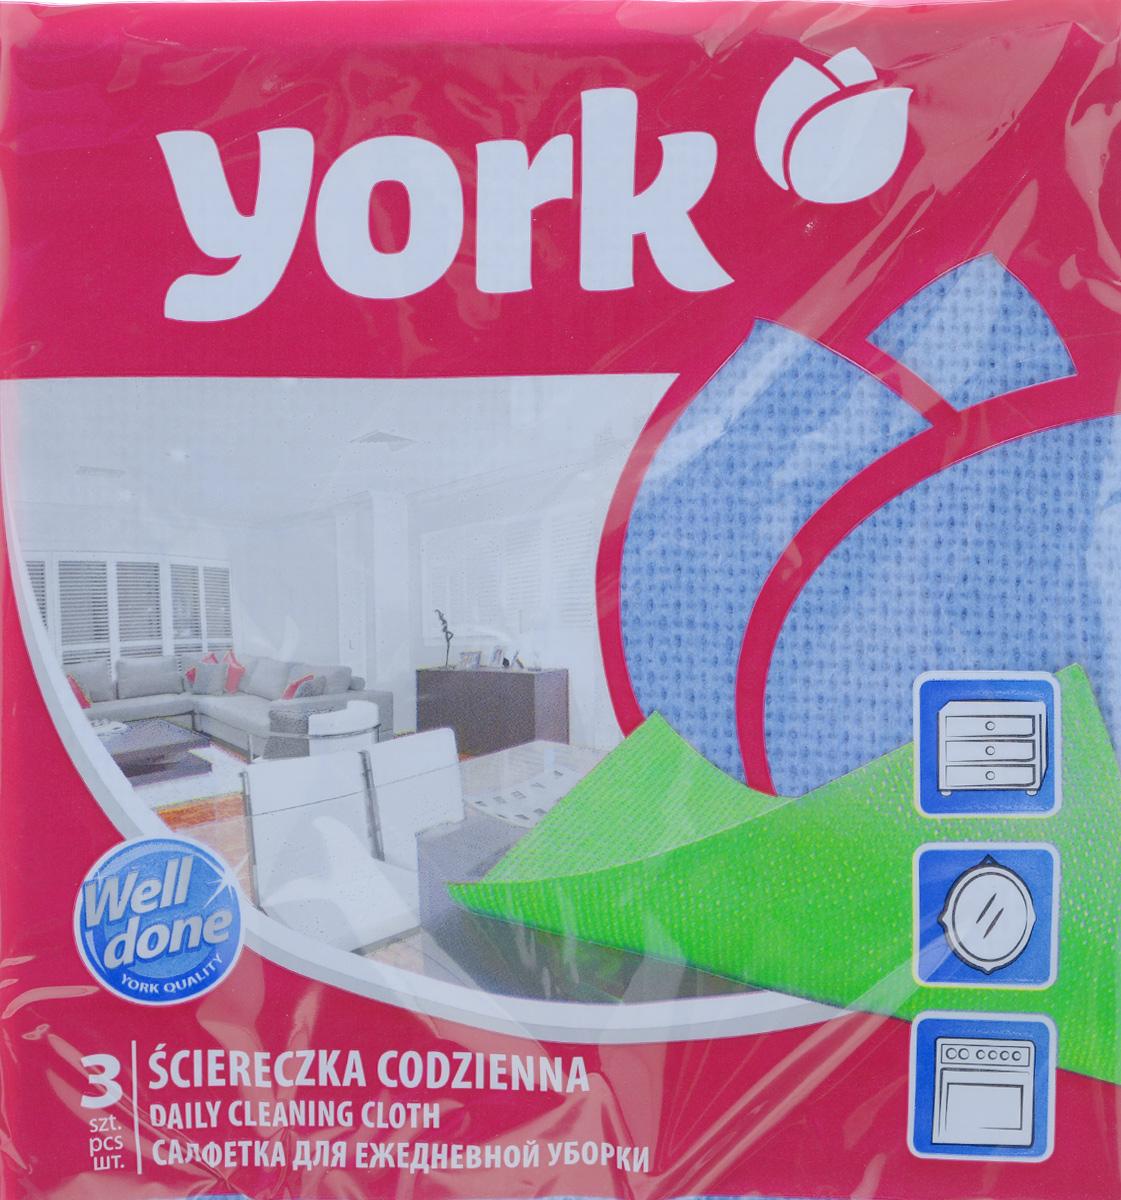 Салфетка для ежедневной уборки York Ламбада, цвет: синий, 37 х 40 см, 3 шт2106_синийУниверсальная салфетка York Ламбада предназначена для мытья, протирания и полировки различных поверхностей. Салфетка, выполненная из вискозы, отличается высокой прочностью. Салфетка хорошо поглощает влагу. Идеальна для ухода за столешницами и раковиной, а также для мытья посуды. Может использоваться в сухом и влажном виде. В комплекте 3 салфетки. Размер салфетки: 37 х 40 см.